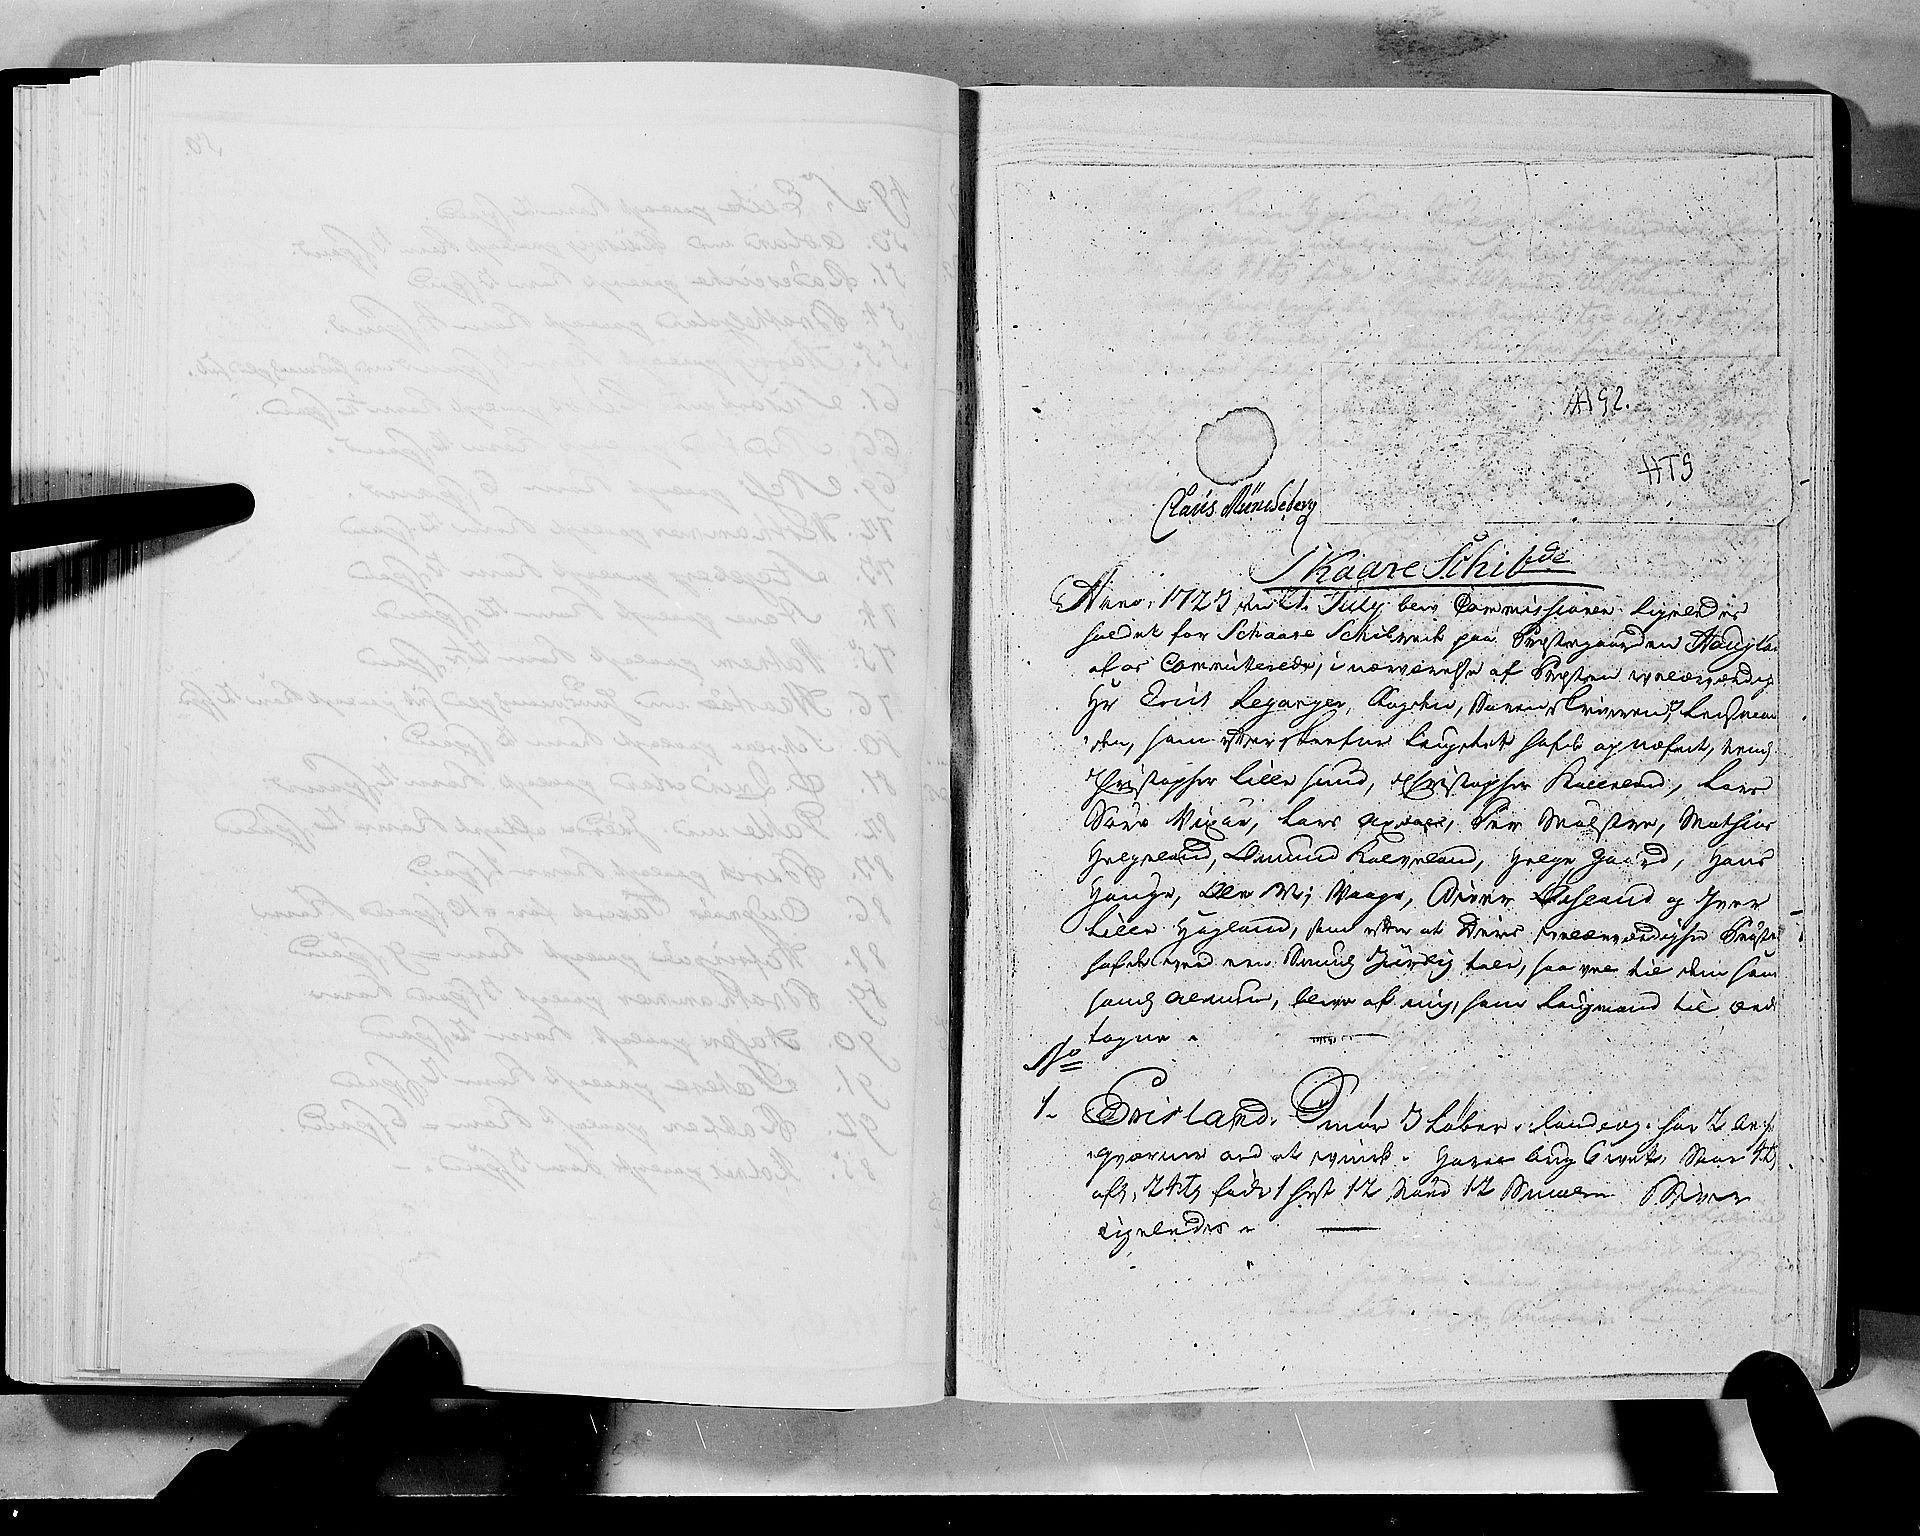 RA, Rentekammeret inntil 1814, Realistisk ordnet avdeling, N/Nb/Nbf/L0133a: Ryfylke eksaminasjonsprotokoll, 1723, s. 50b